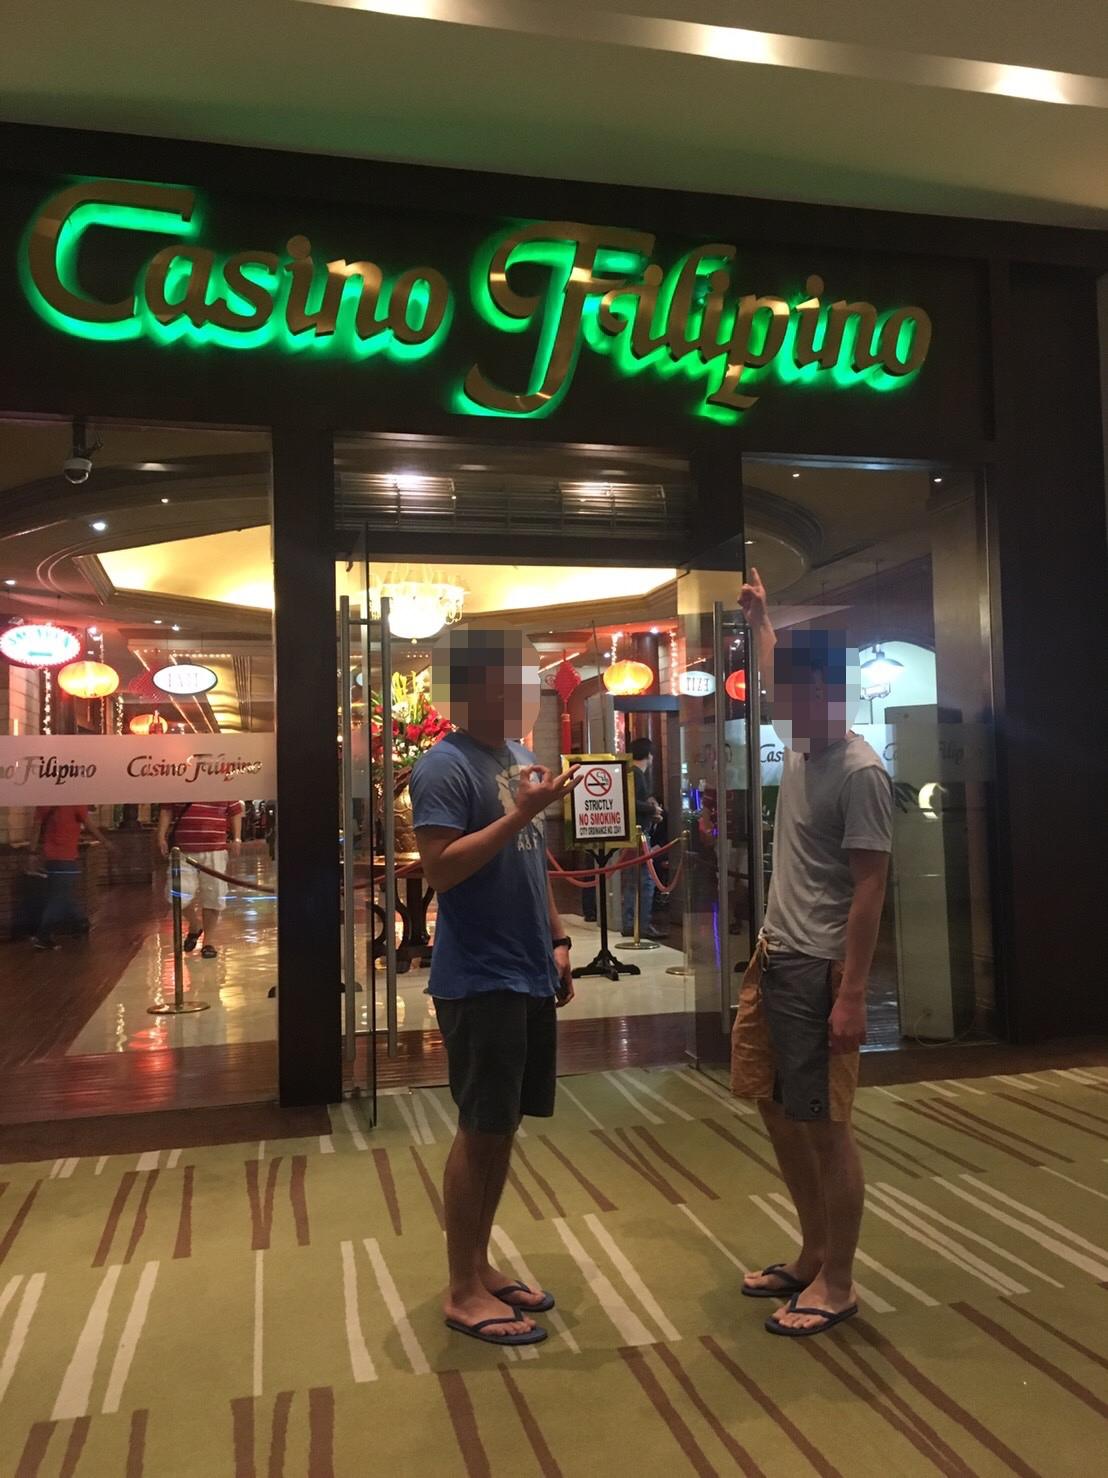 セブ島の遊び方 カジノで散るまで···